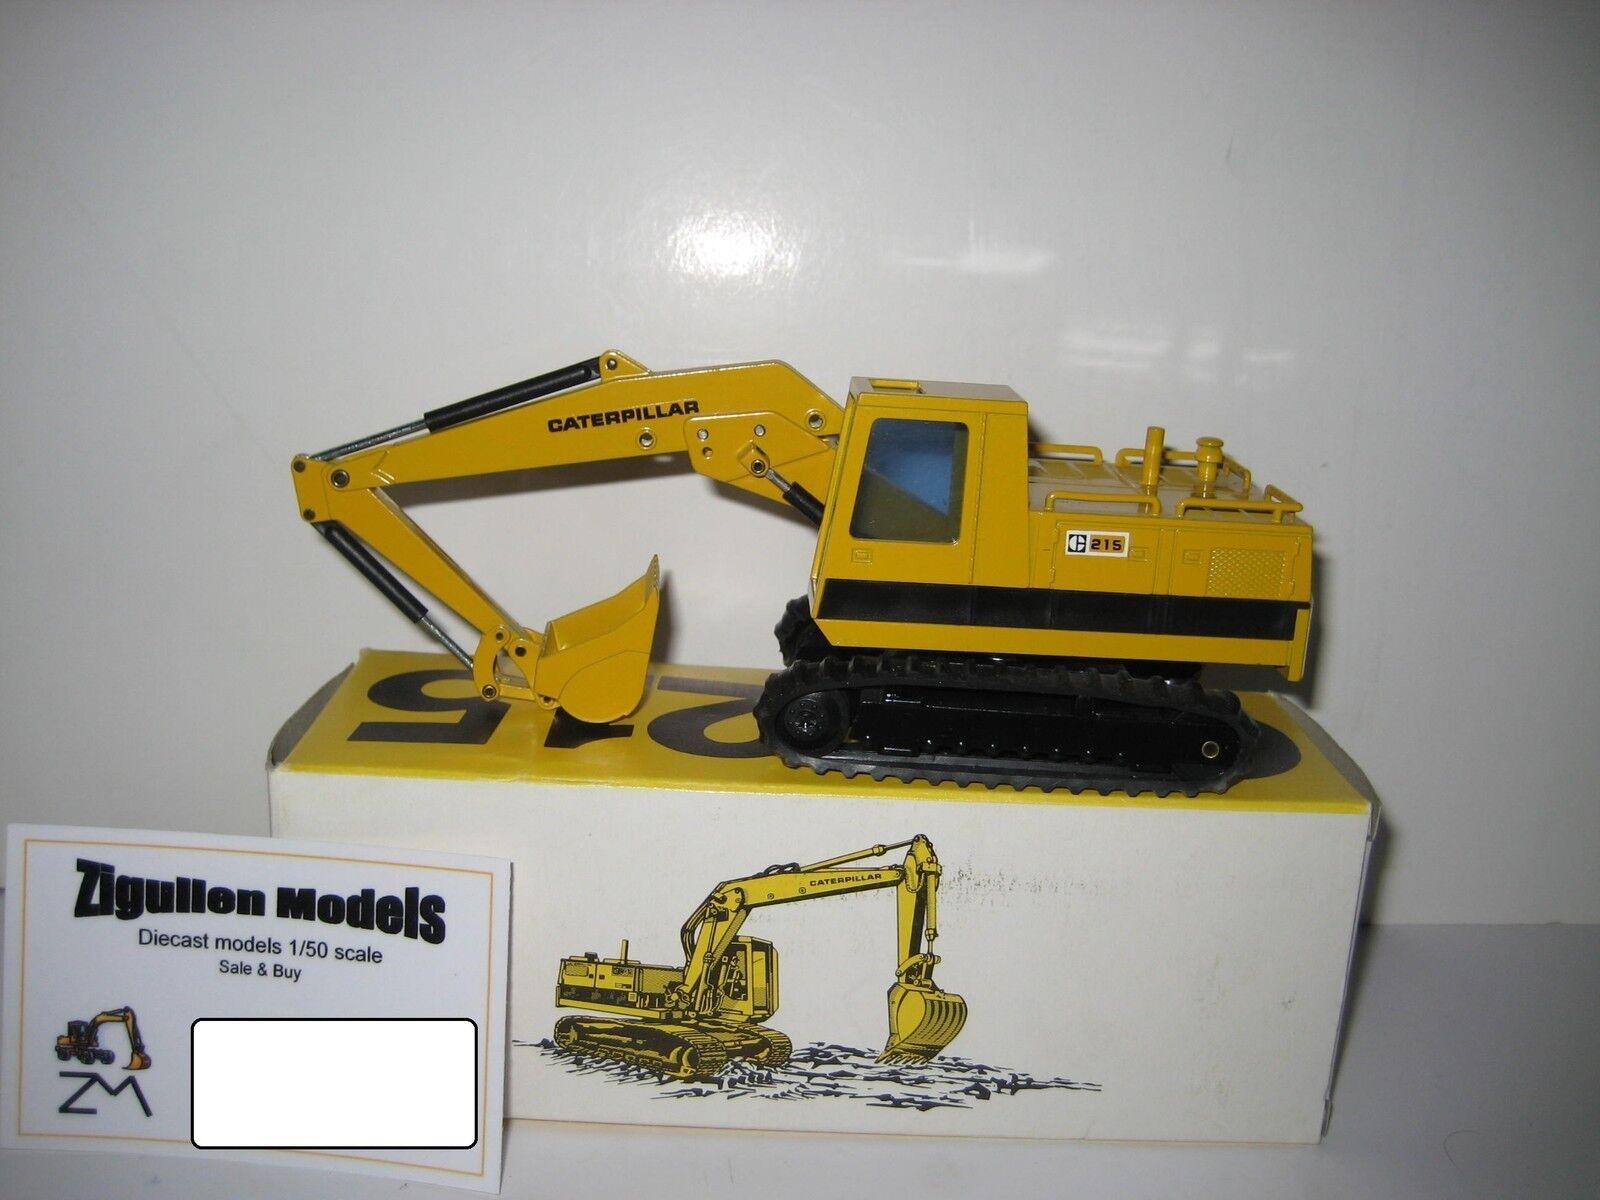 Caterpillar 215 Excavator Deep Spoon  Pachomme Logo  190.5 NZG 1 50 OVP  les magasins de détail